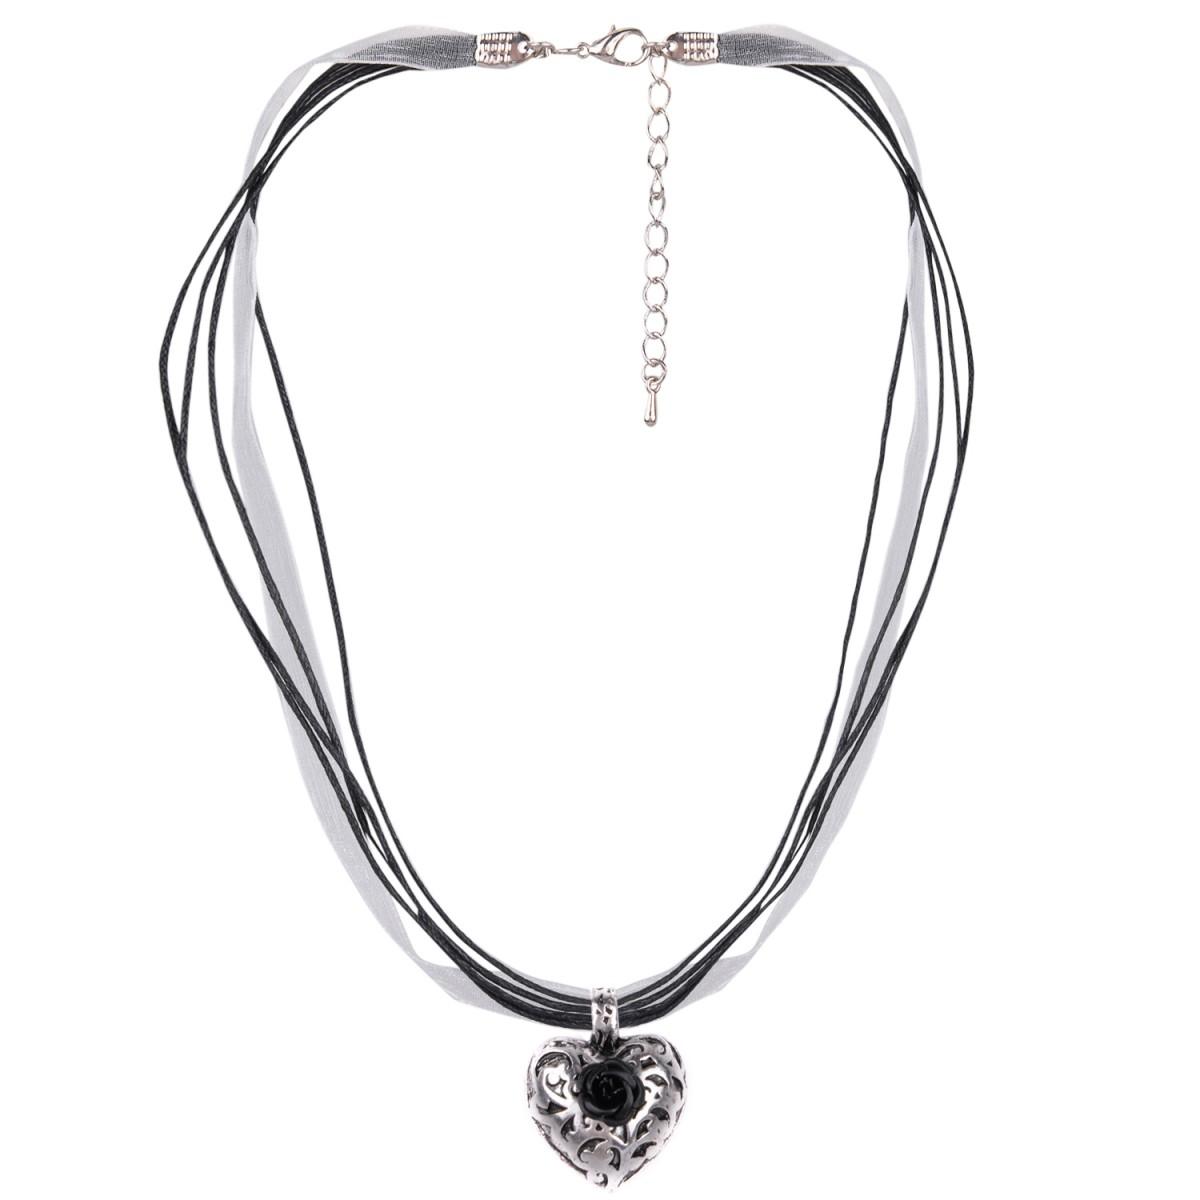 Halskette in Schwarz mit 4 Bändern und Herzanhänger mit Rosenblüte von Schlick Accessoires günstig online kaufen